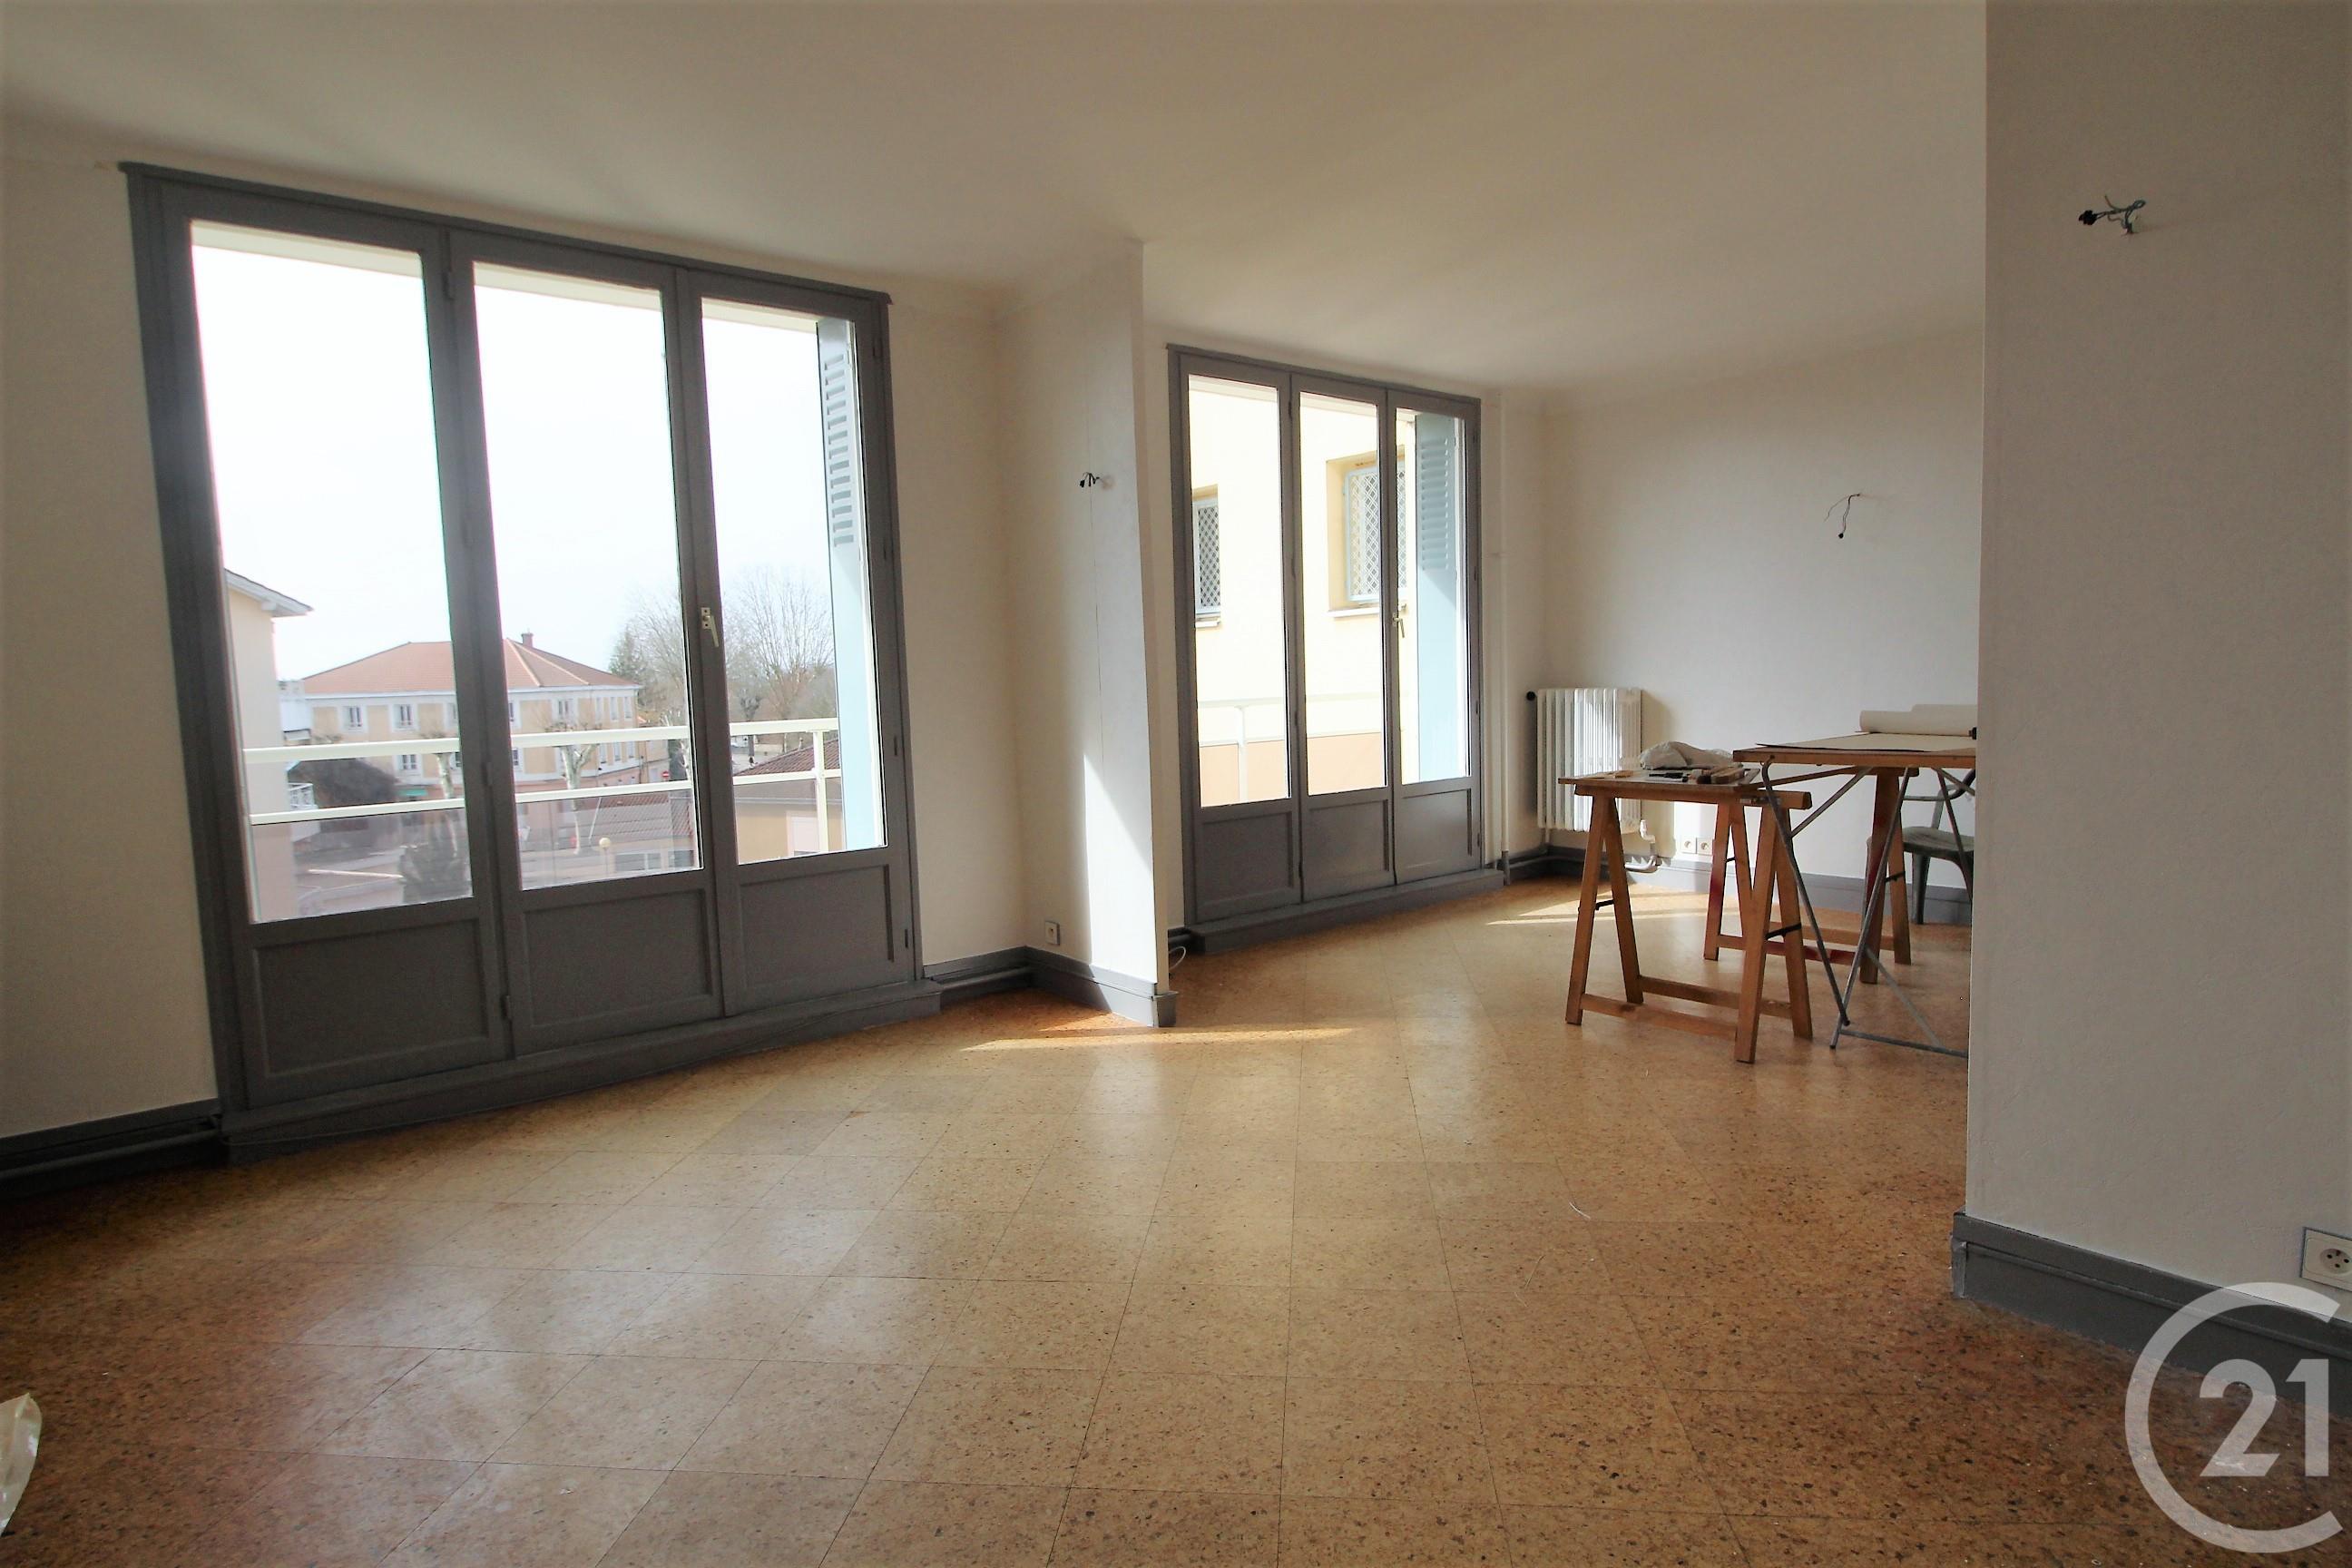 9e08766f526b57 Appartement F4 à louer - 3 pièces - 67 m2 - MONTLUEL - 01 - RHONE-ALPES